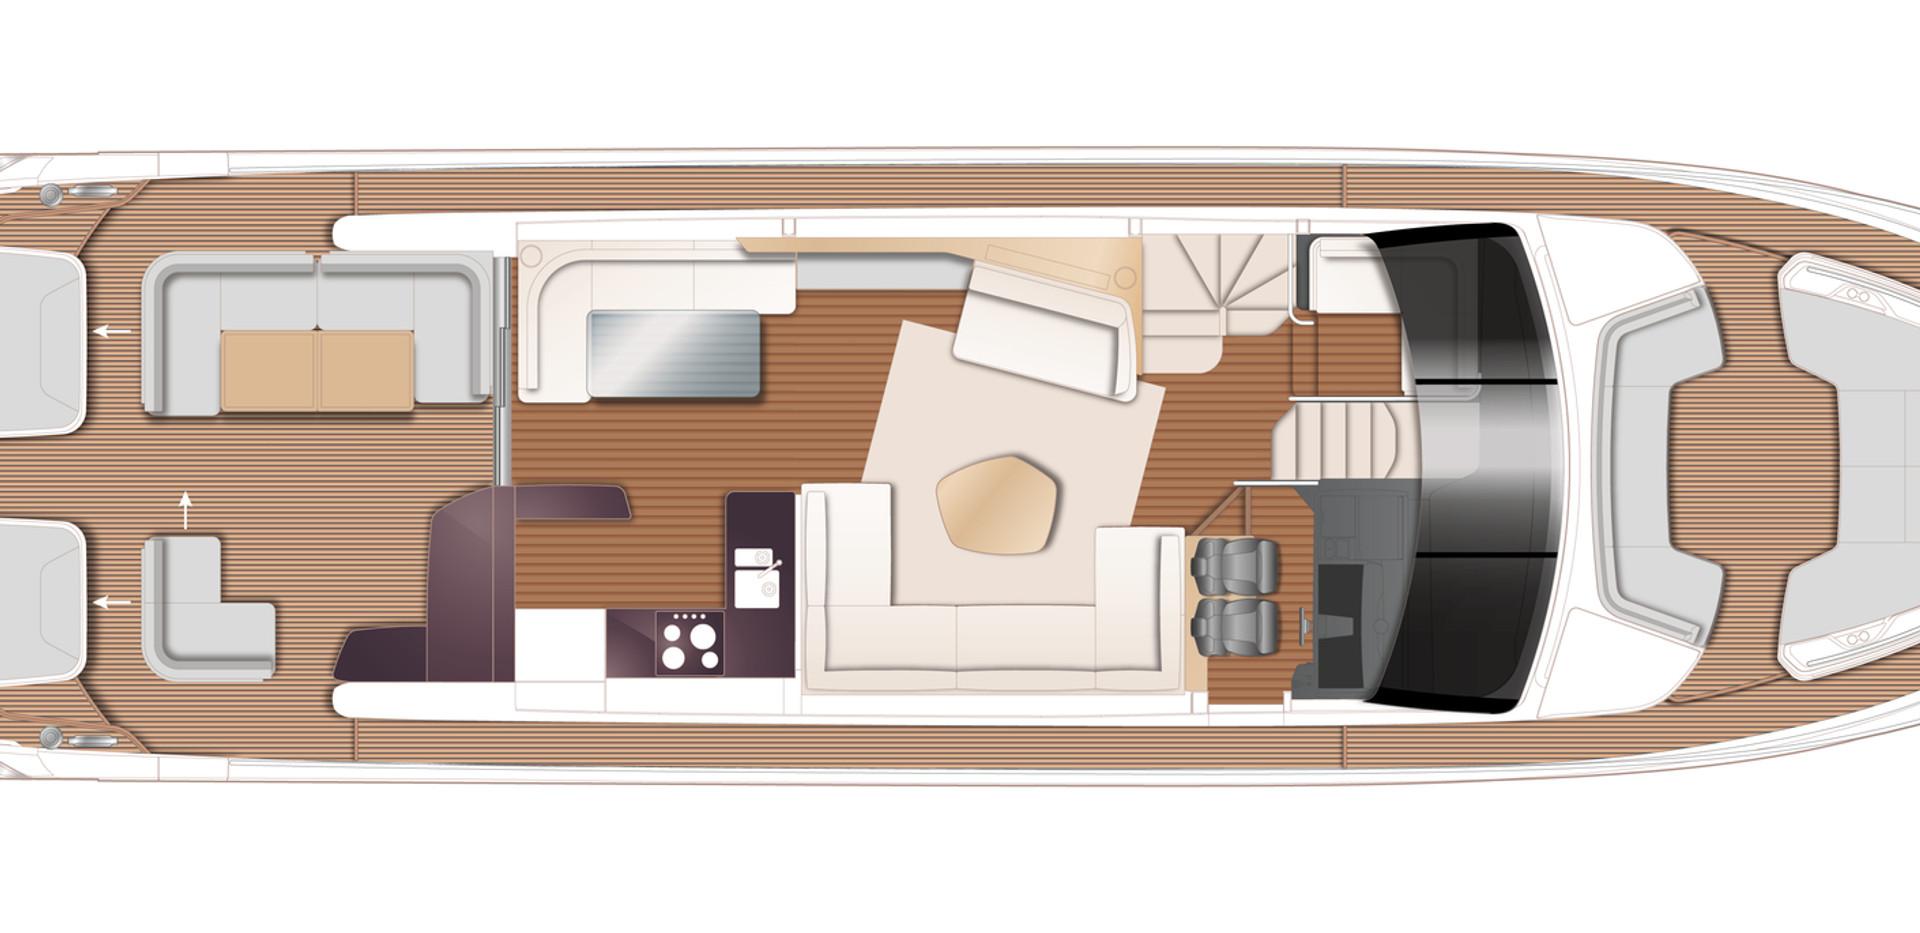 v78-layout-main-deck.jpg